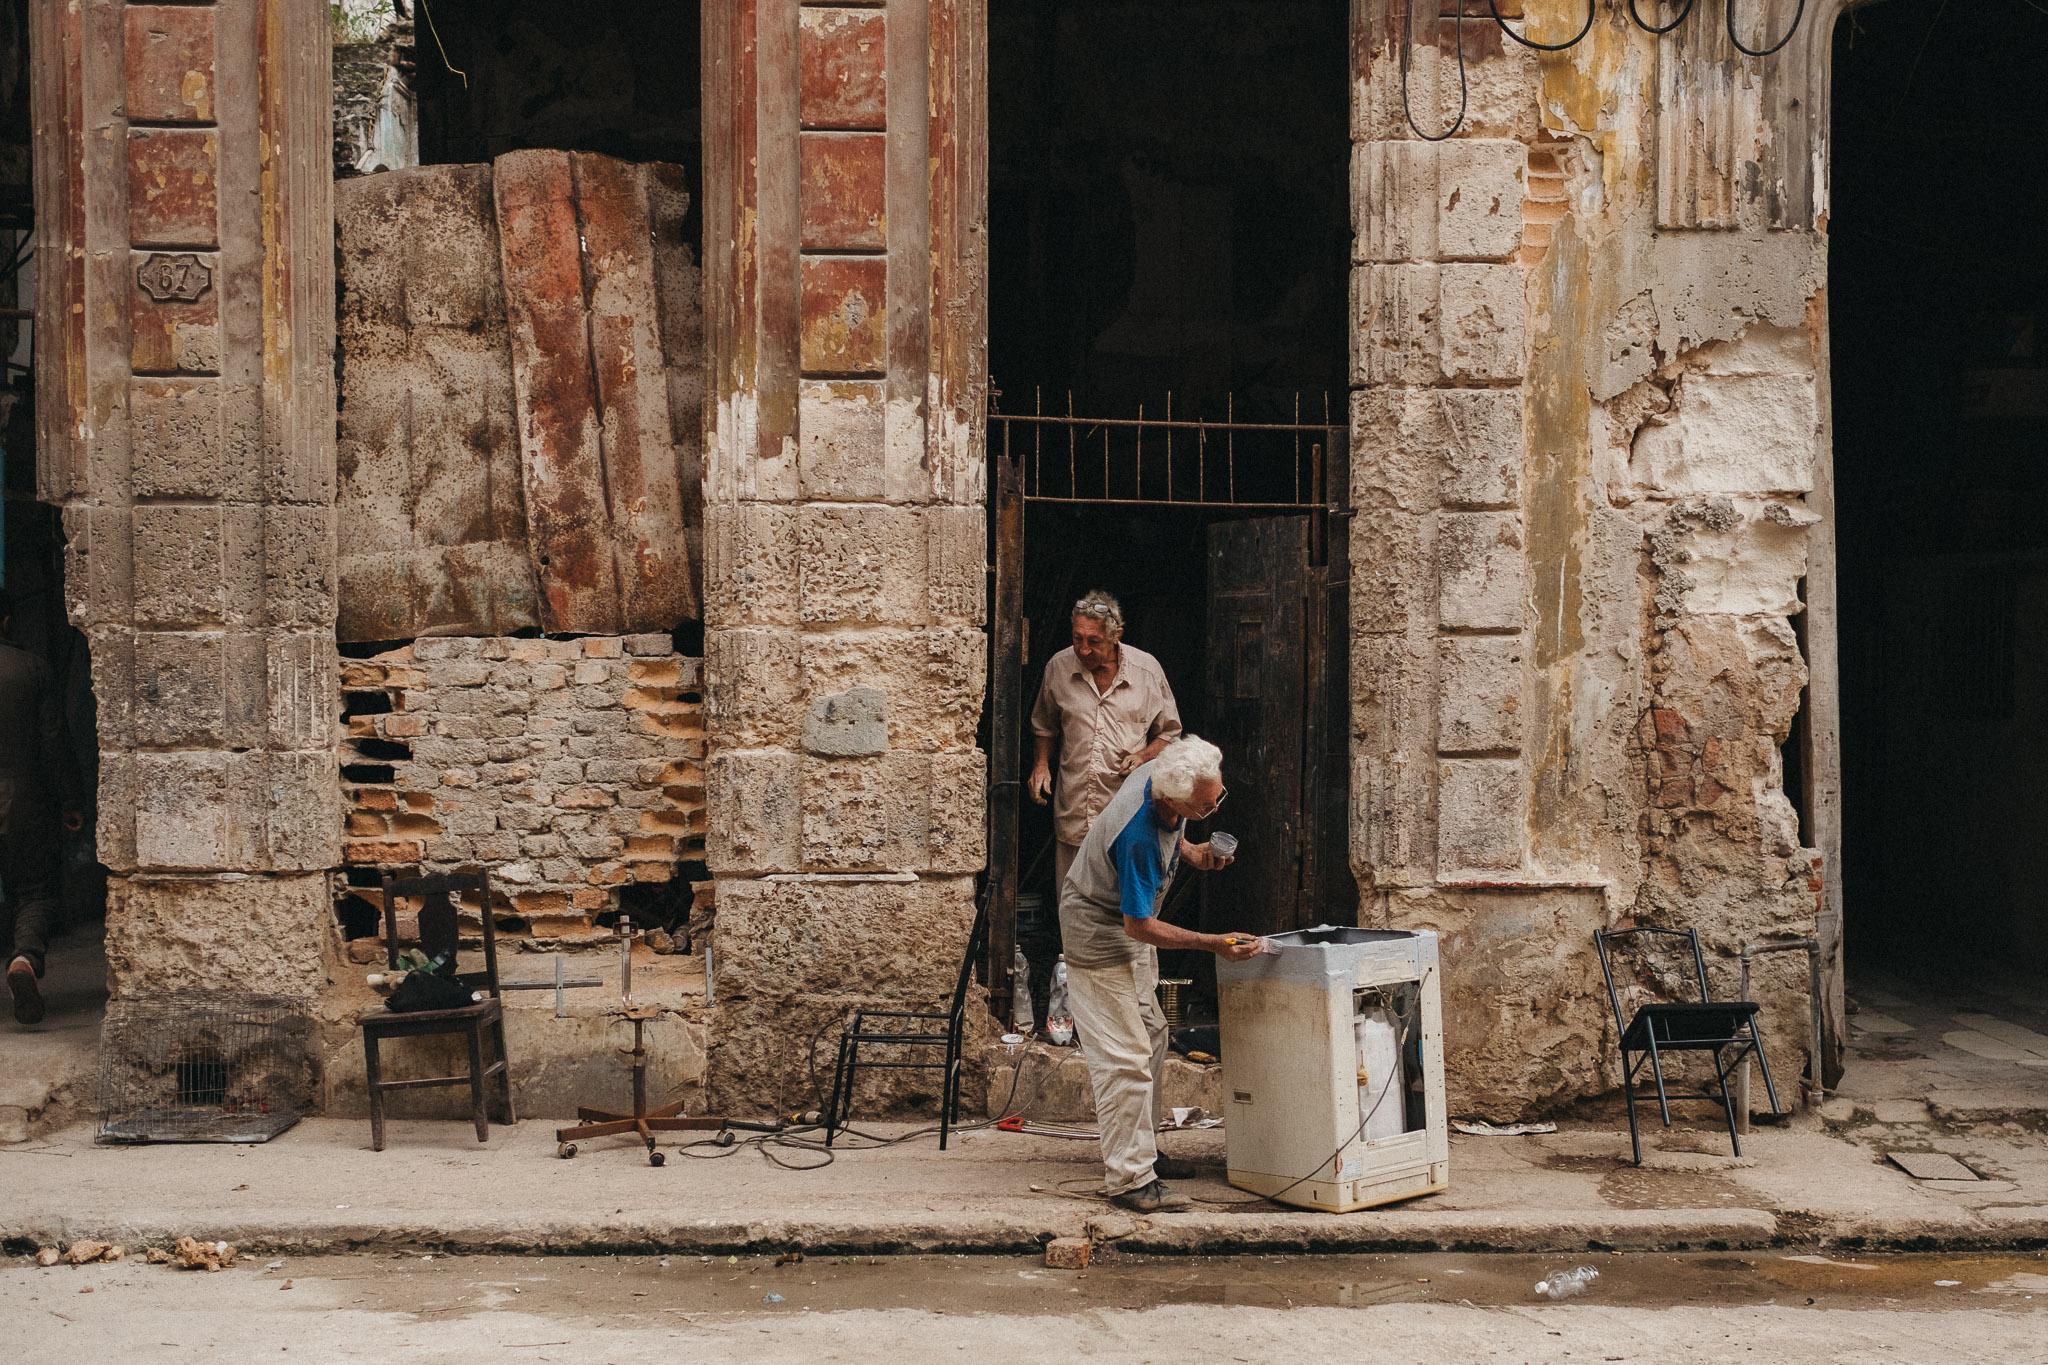 Cuba-2017-12-Havana-0314.jpg